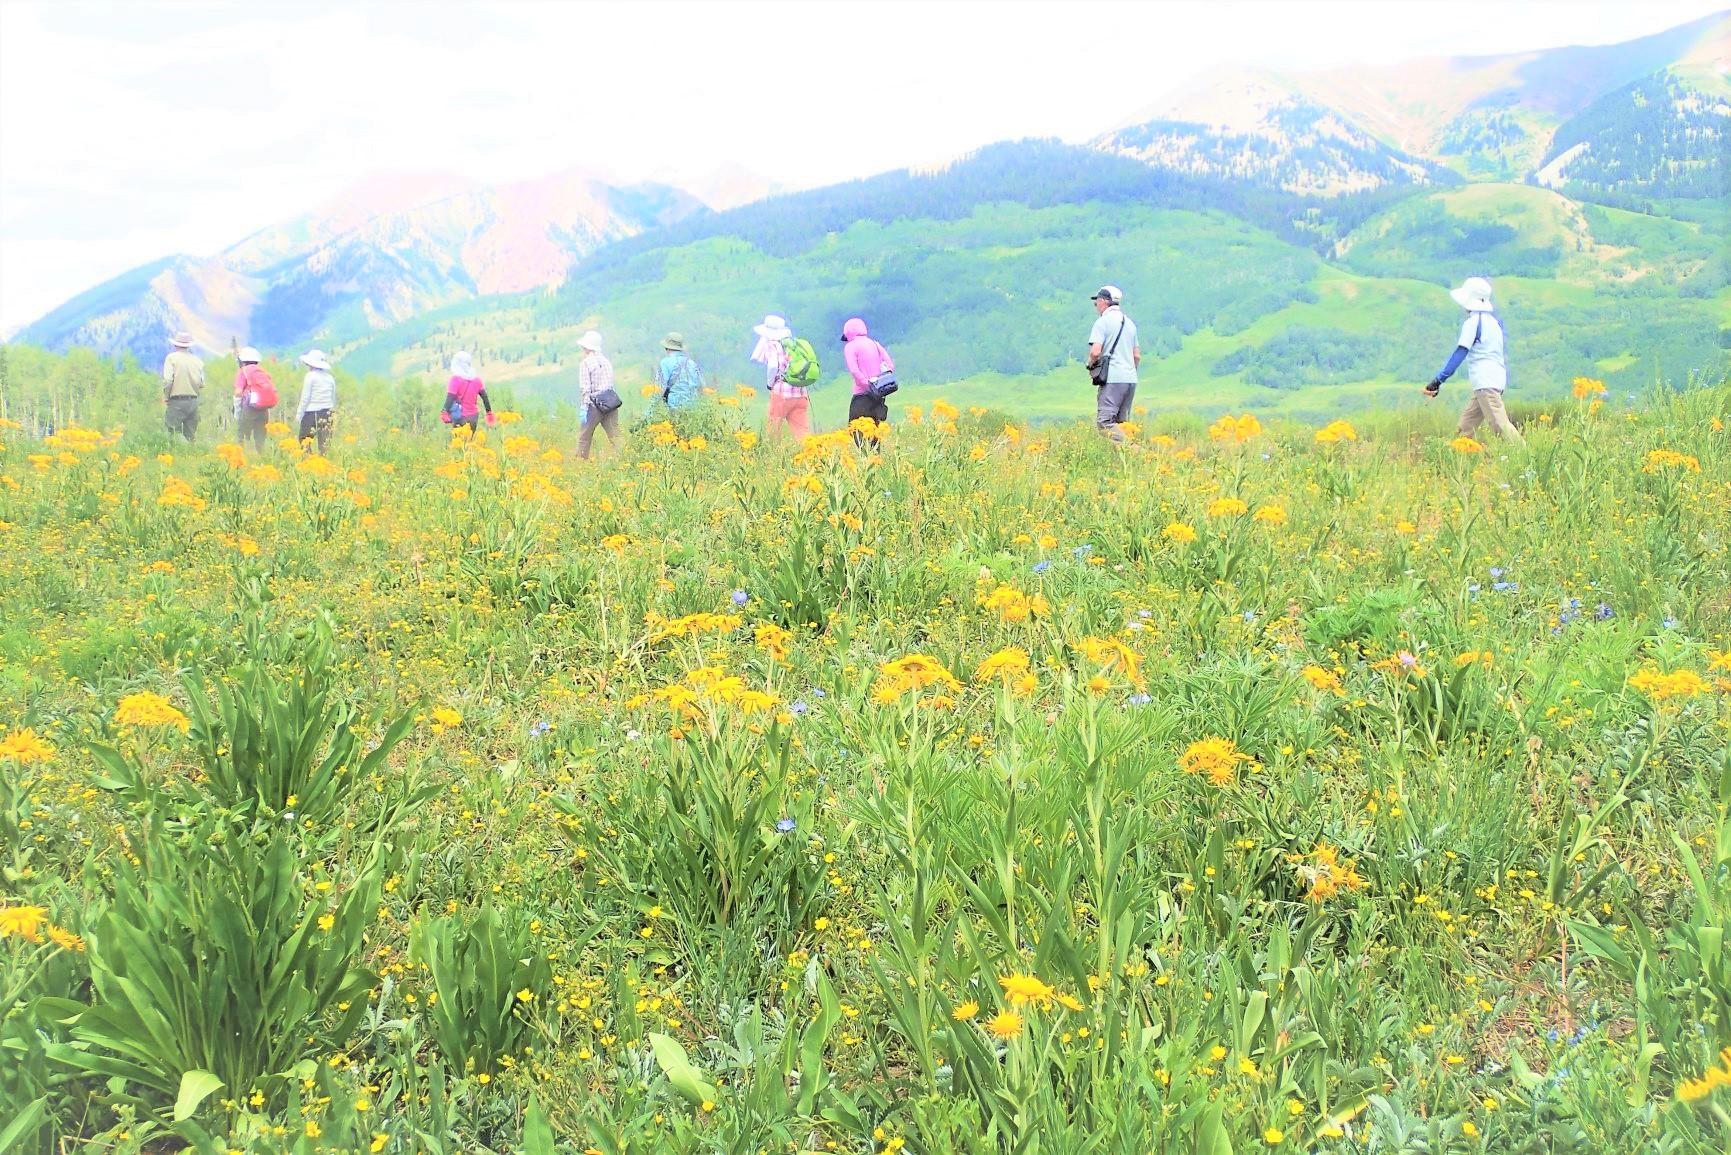 この時期、足元には花々が咲き乱れ、至福のハイキングが楽しめる